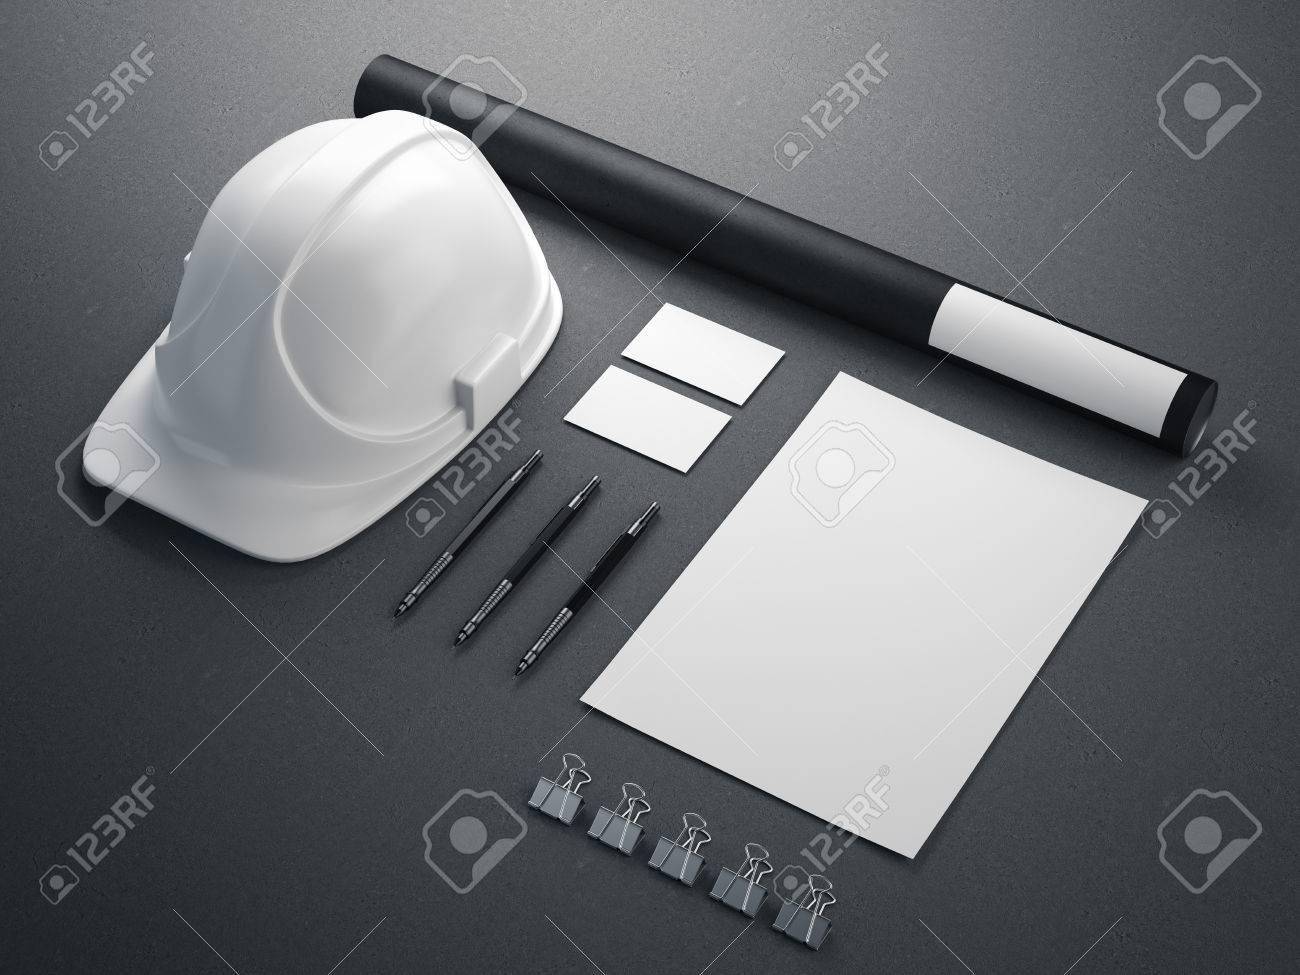 Modern branding mockup with white helmet. 3d rendering - 62488590